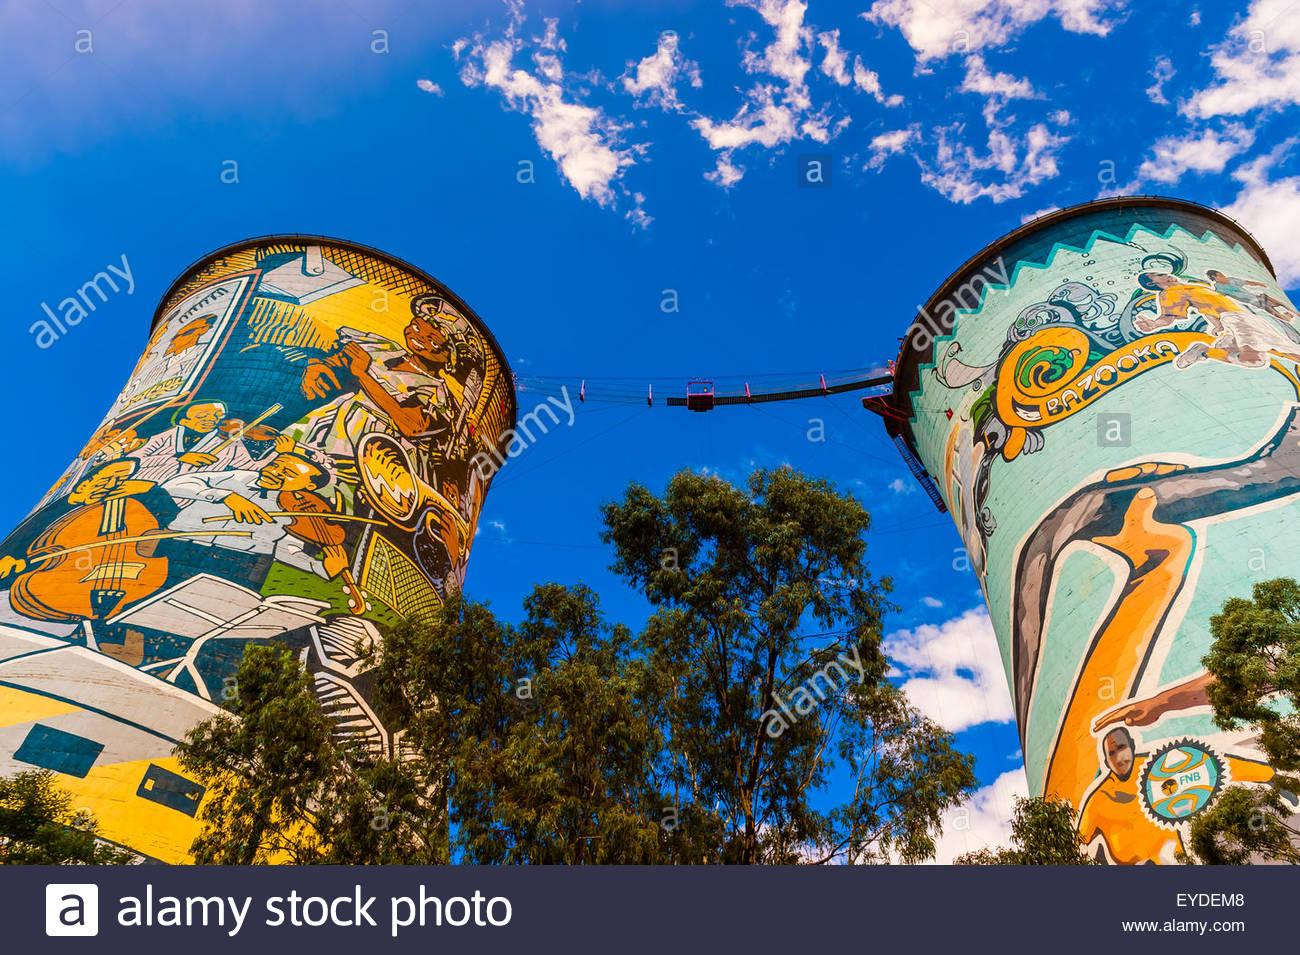 Les tours de refroidissement peint (la plus grande peinture murale en Afrique du Sud) d'Orlando déclassés Photo Stock